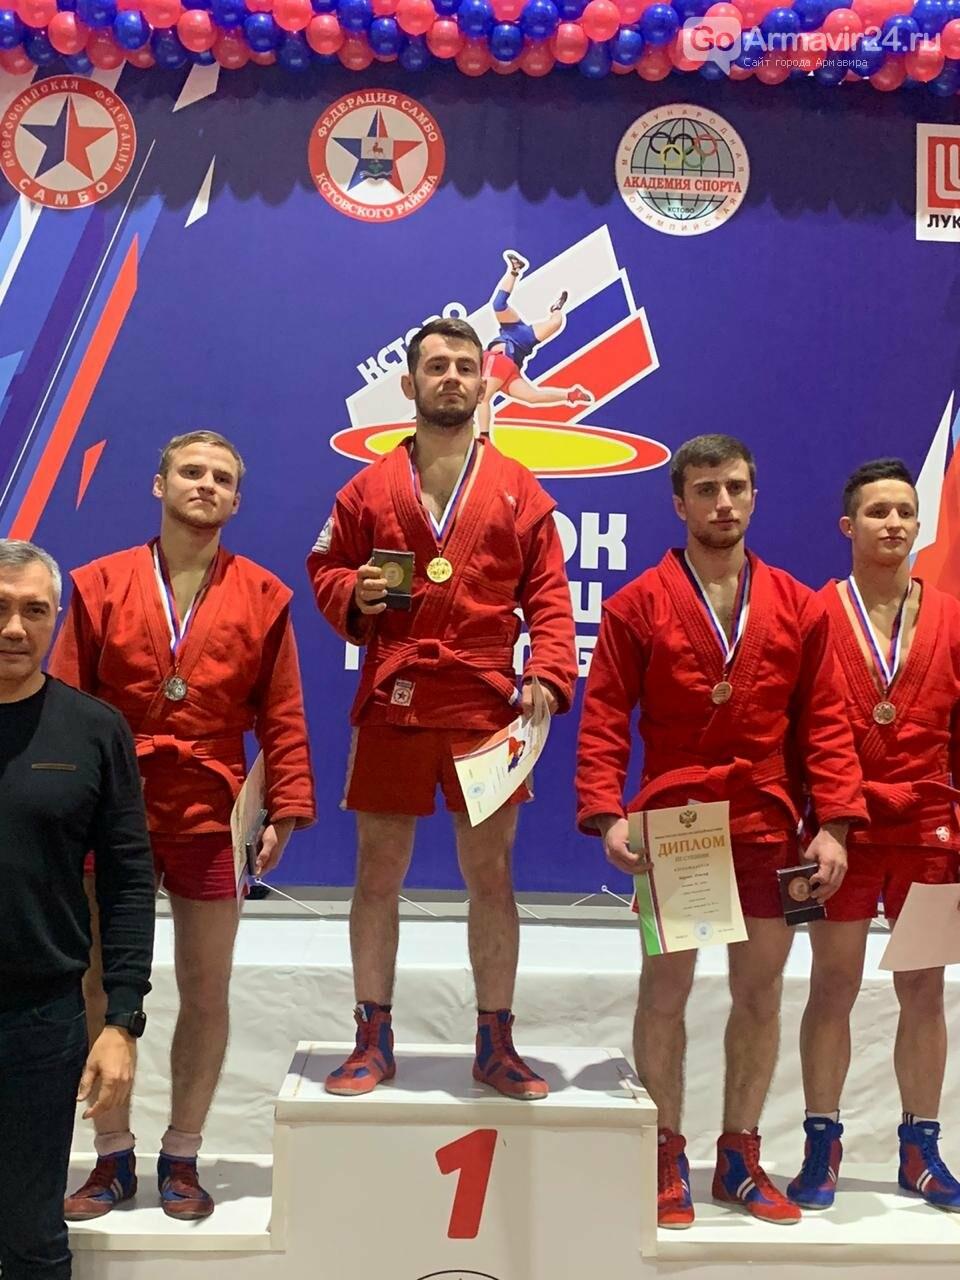 Армавирские самбисты вернулись с Кубка России из Кстово, фото-1